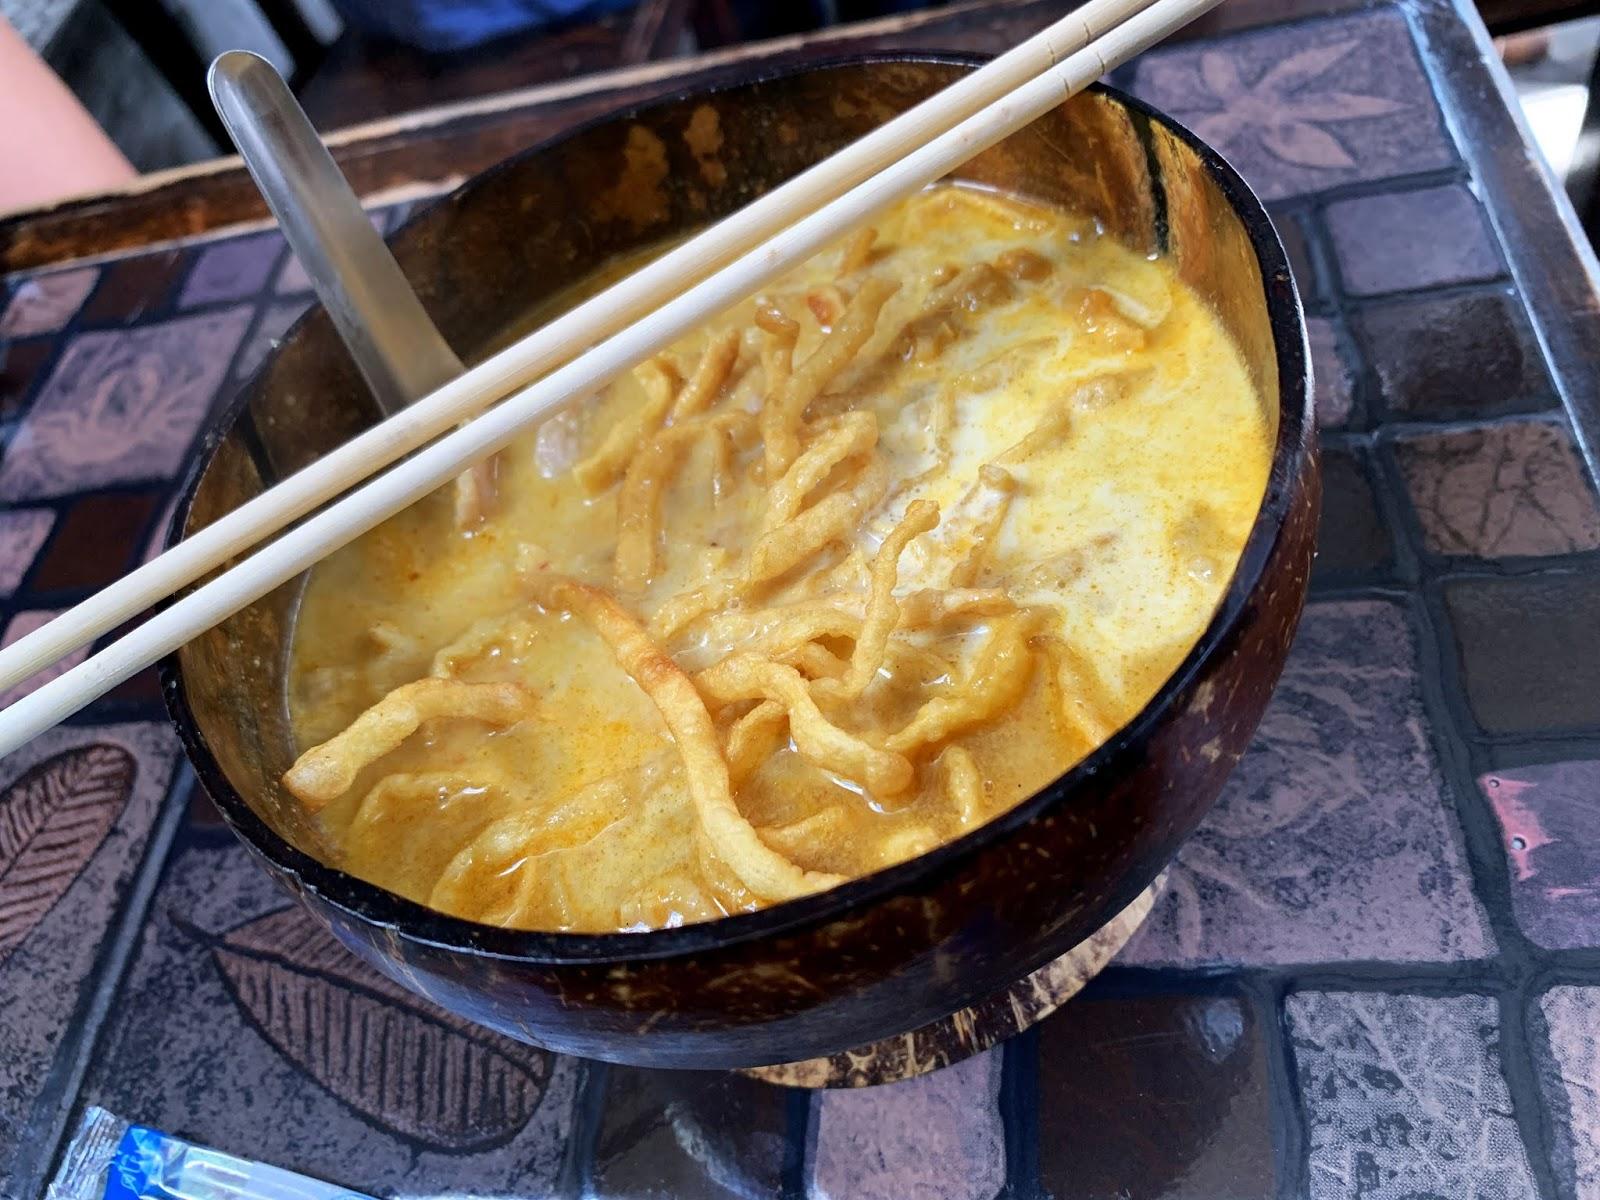 Khao Soi - Pyszna zupa z chrupiącym makaronem prosto z regionu Chiang Mai w Tajlandii